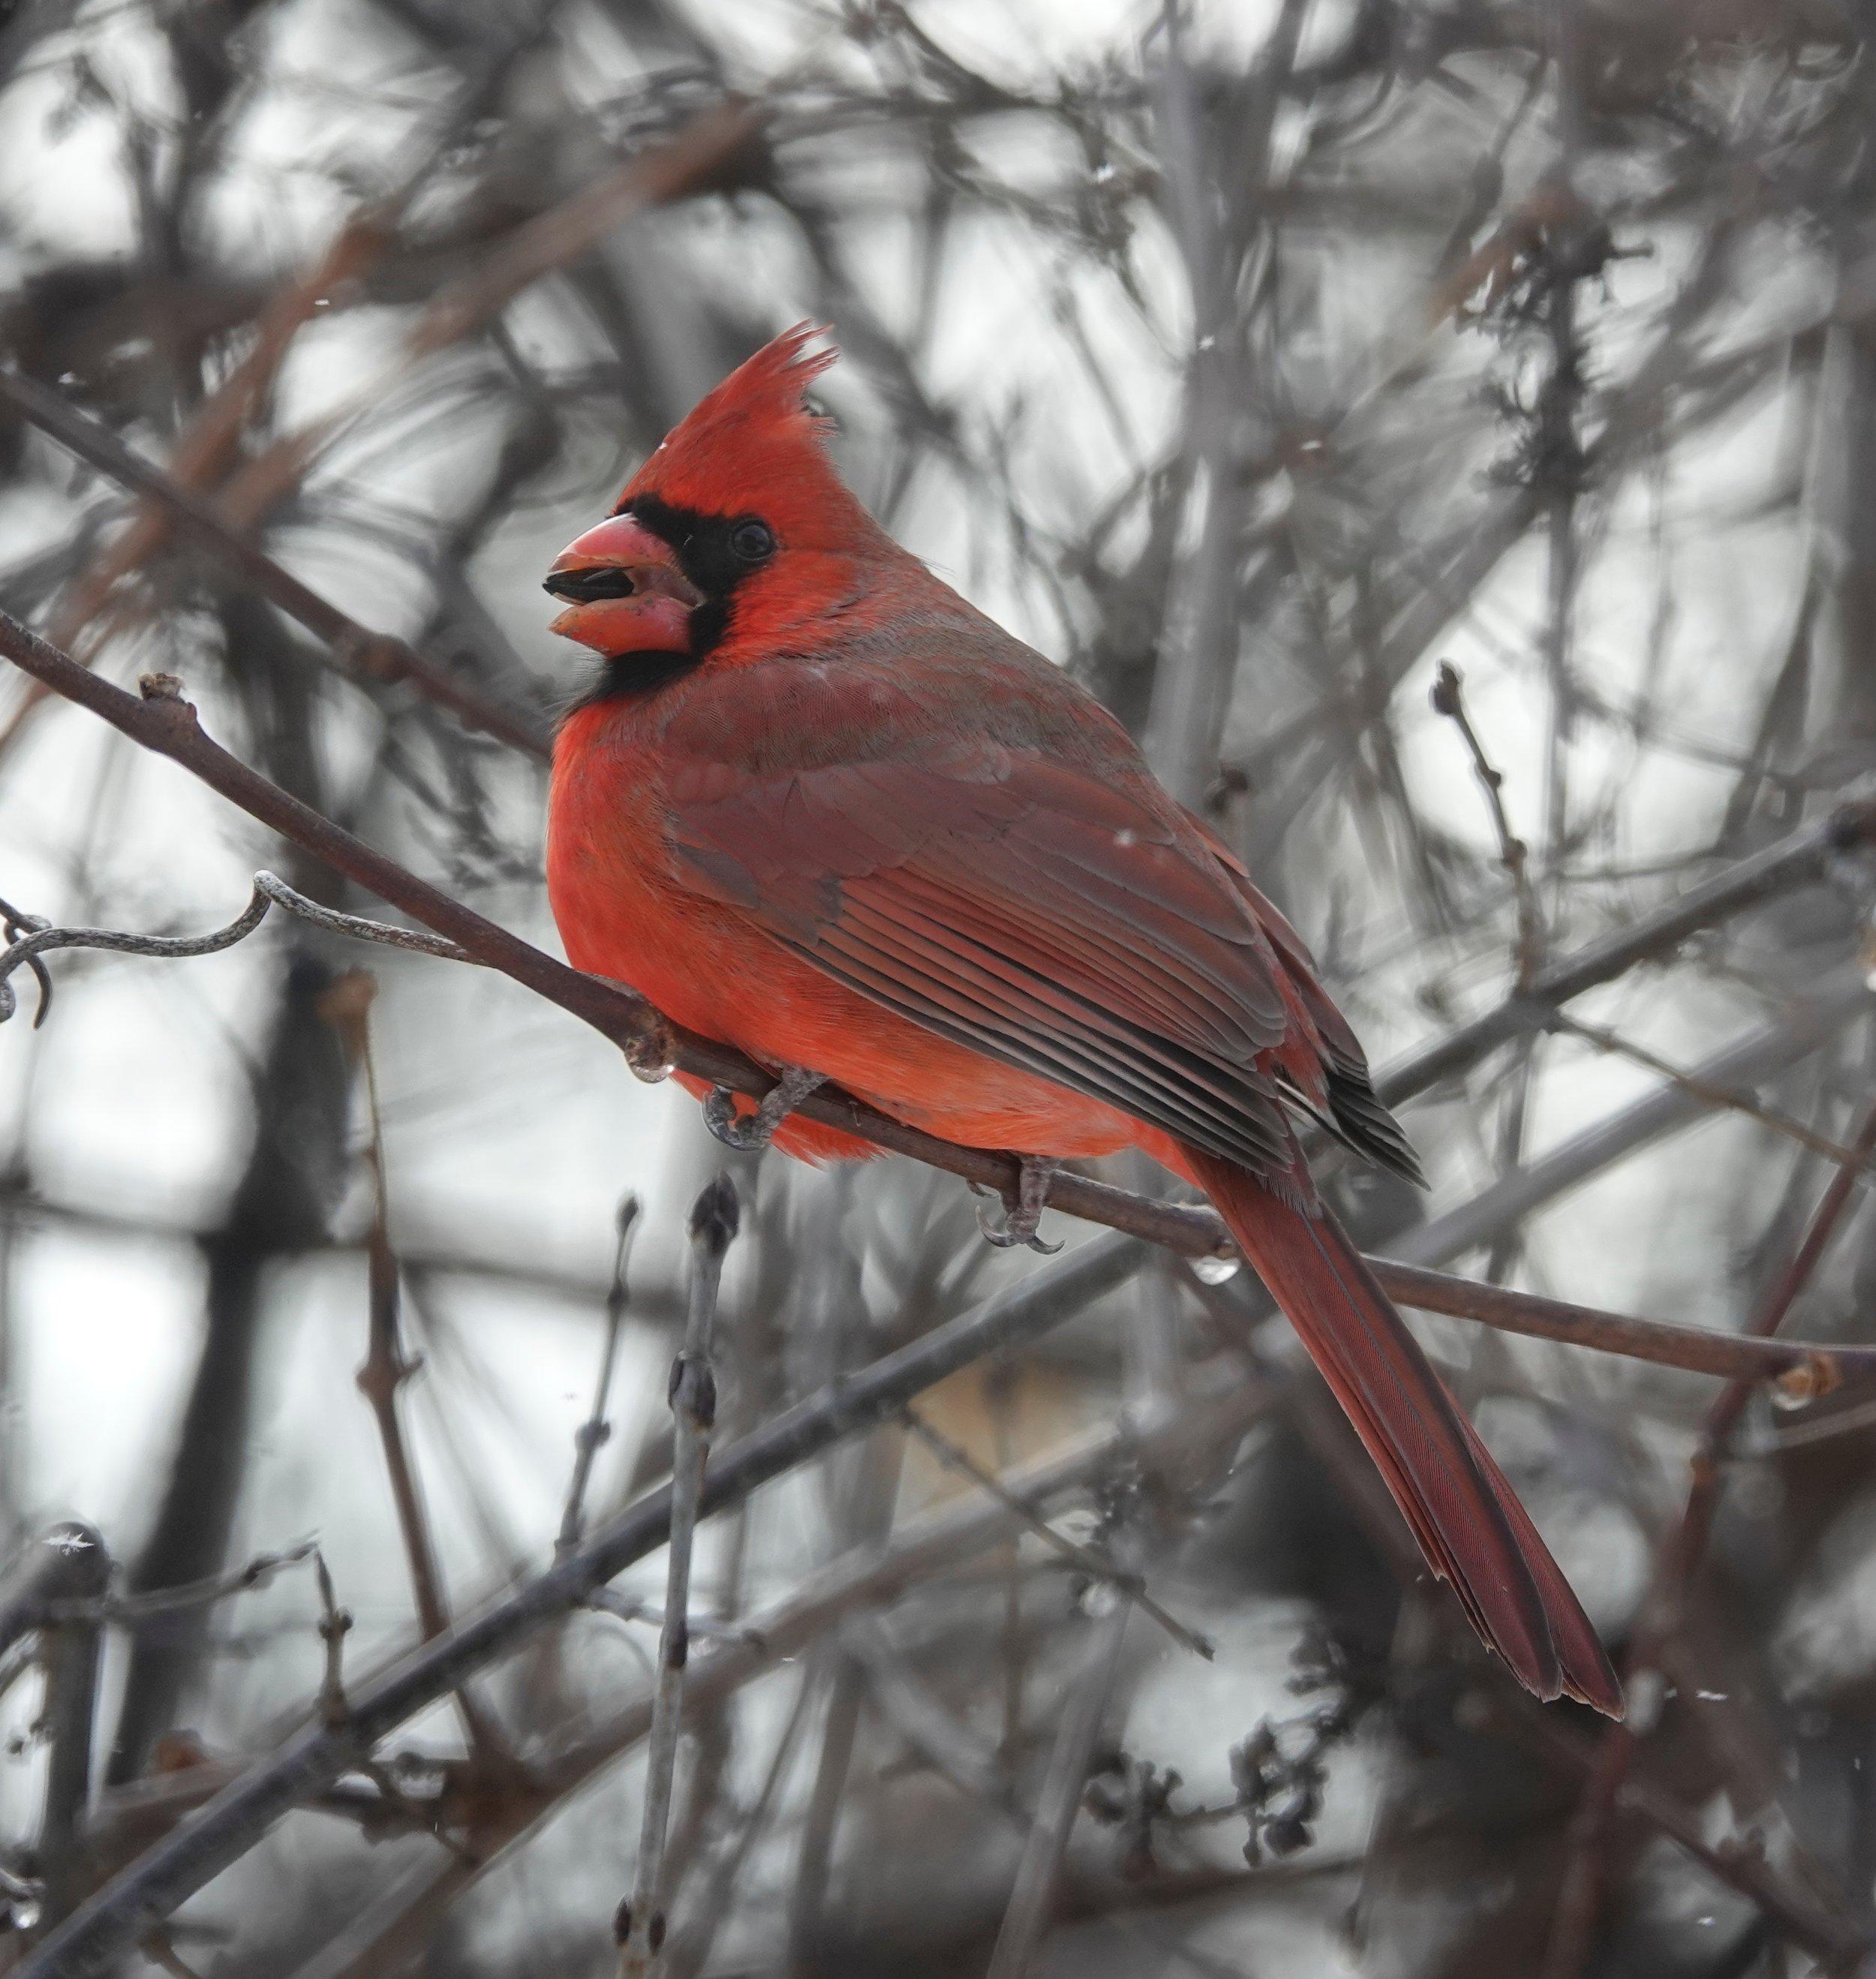 A red wow! bird.